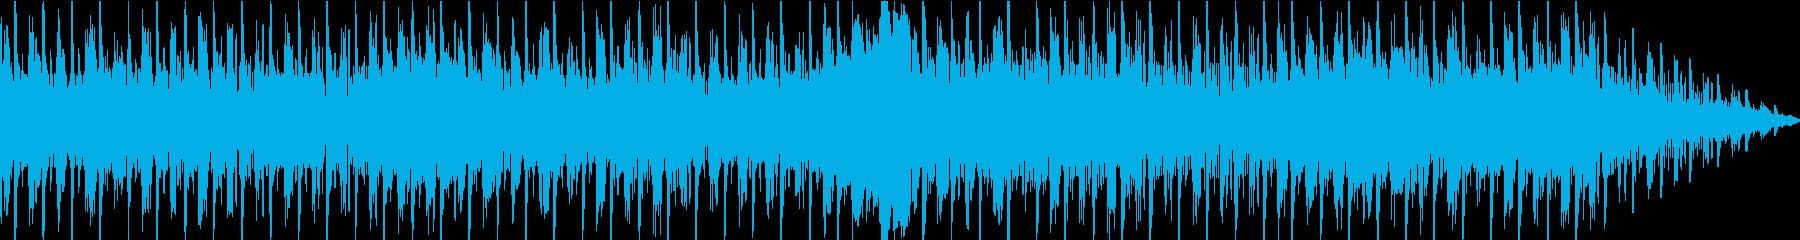 シンプルなリズムのダンスミュージックの再生済みの波形